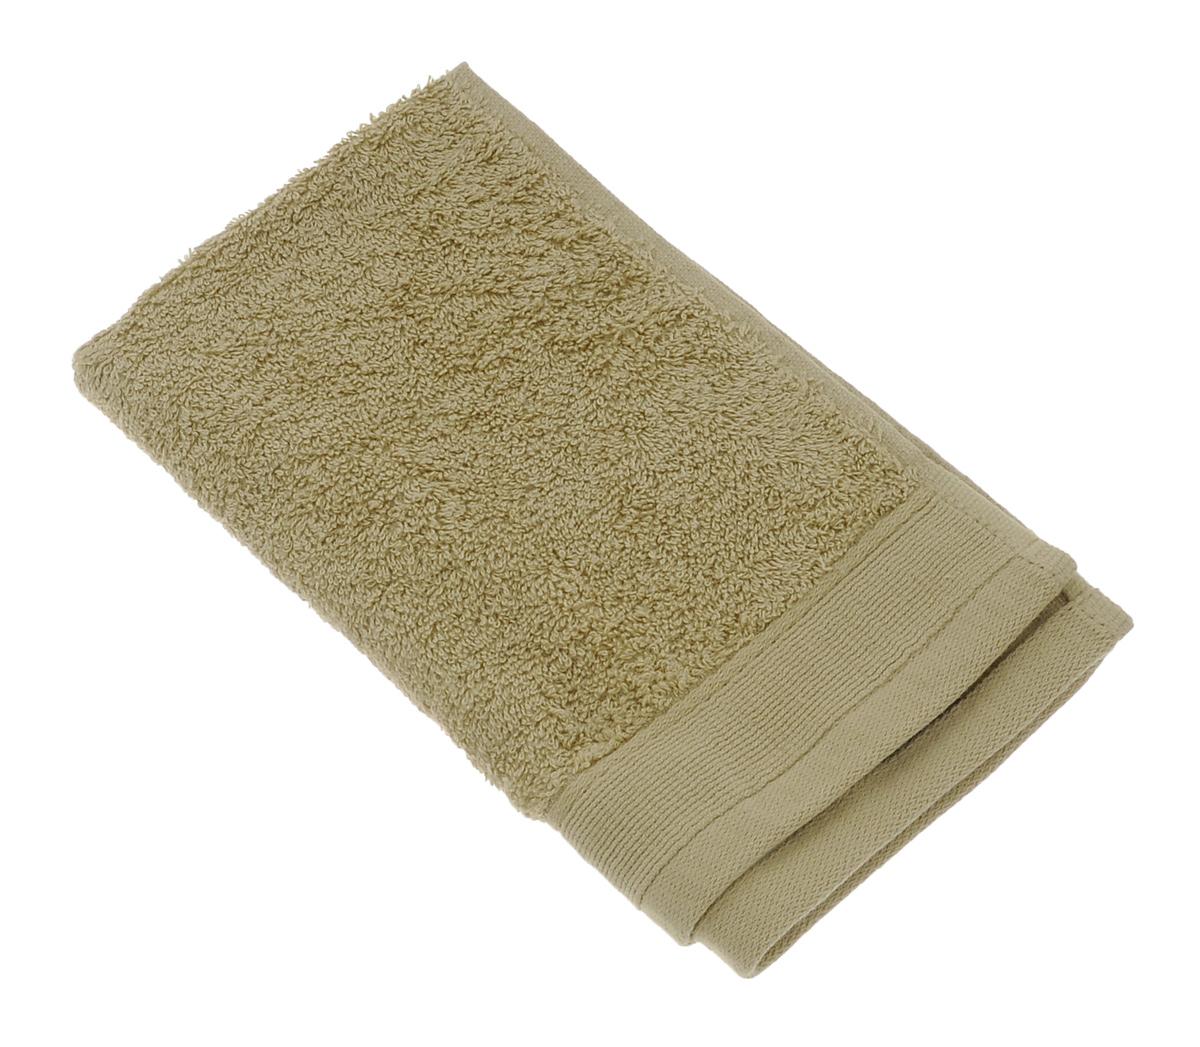 Полотенце махровое Guten Morgen, цвет: фисташковый, 30 х 50 см68/5/4Махровое полотенце Guten Morgen, изготовленное из натурального хлопка, прекрасно впитывает влагу и быстро сохнет. Высокая плотность ткани делает полотенце мягкими, прочными и пушистыми. При соблюдении рекомендаций по уходу изделие сохраняет яркость цвета и не теряет форму даже после многократных стирок. Махровое полотенце Guten Morgen станет достойным выбором для вас и приятным подарком для ваших близких. Мягкость и высокое качество материала, из которого изготовлено полотенце, не оставит вас равнодушными.